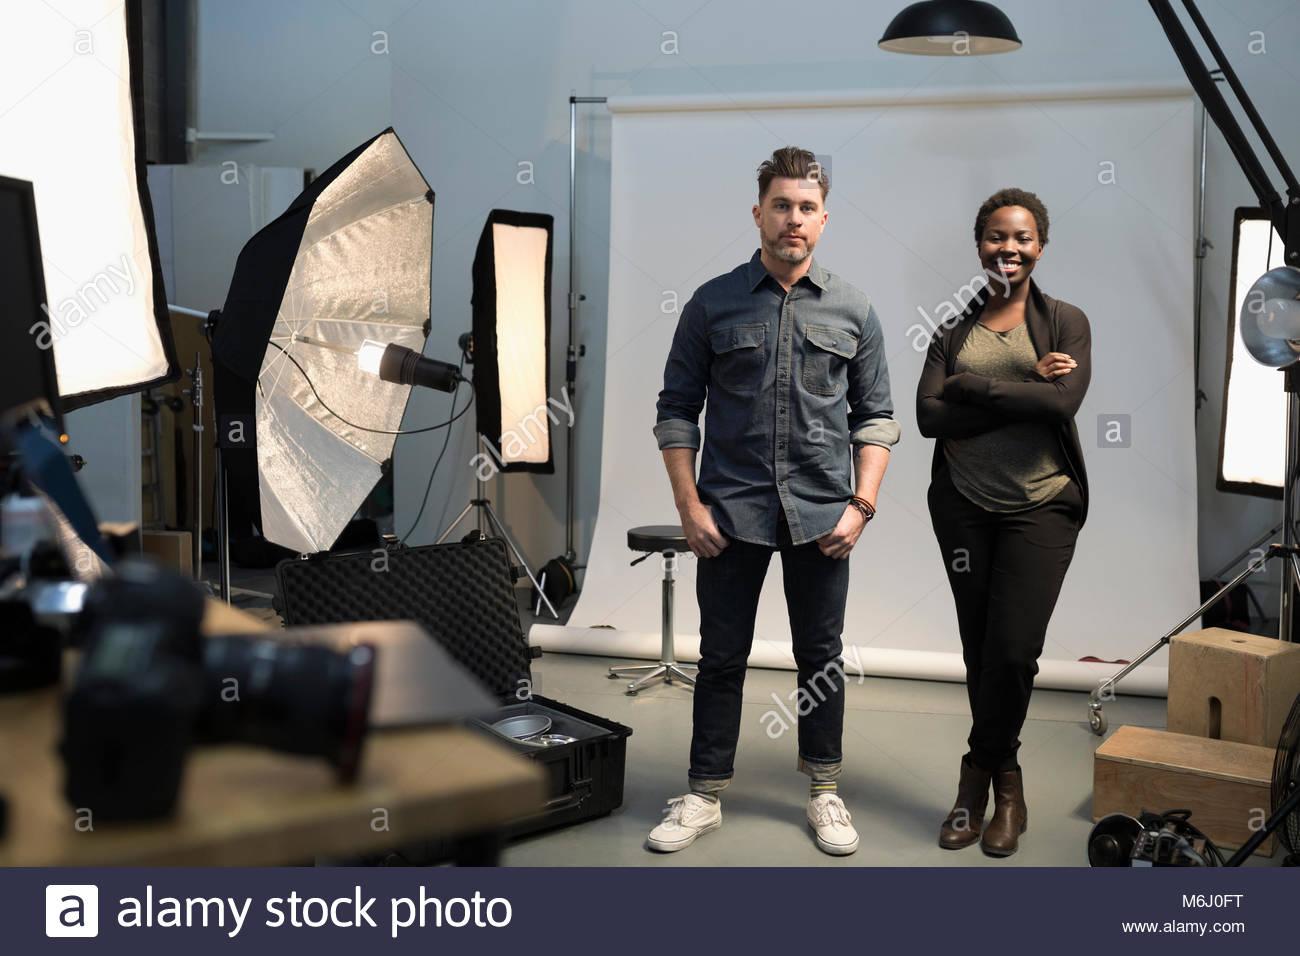 Portrait zuversichtlich Fotografen mit Ausrüstung, bereit für Fotoshooting im Studio Stockbild